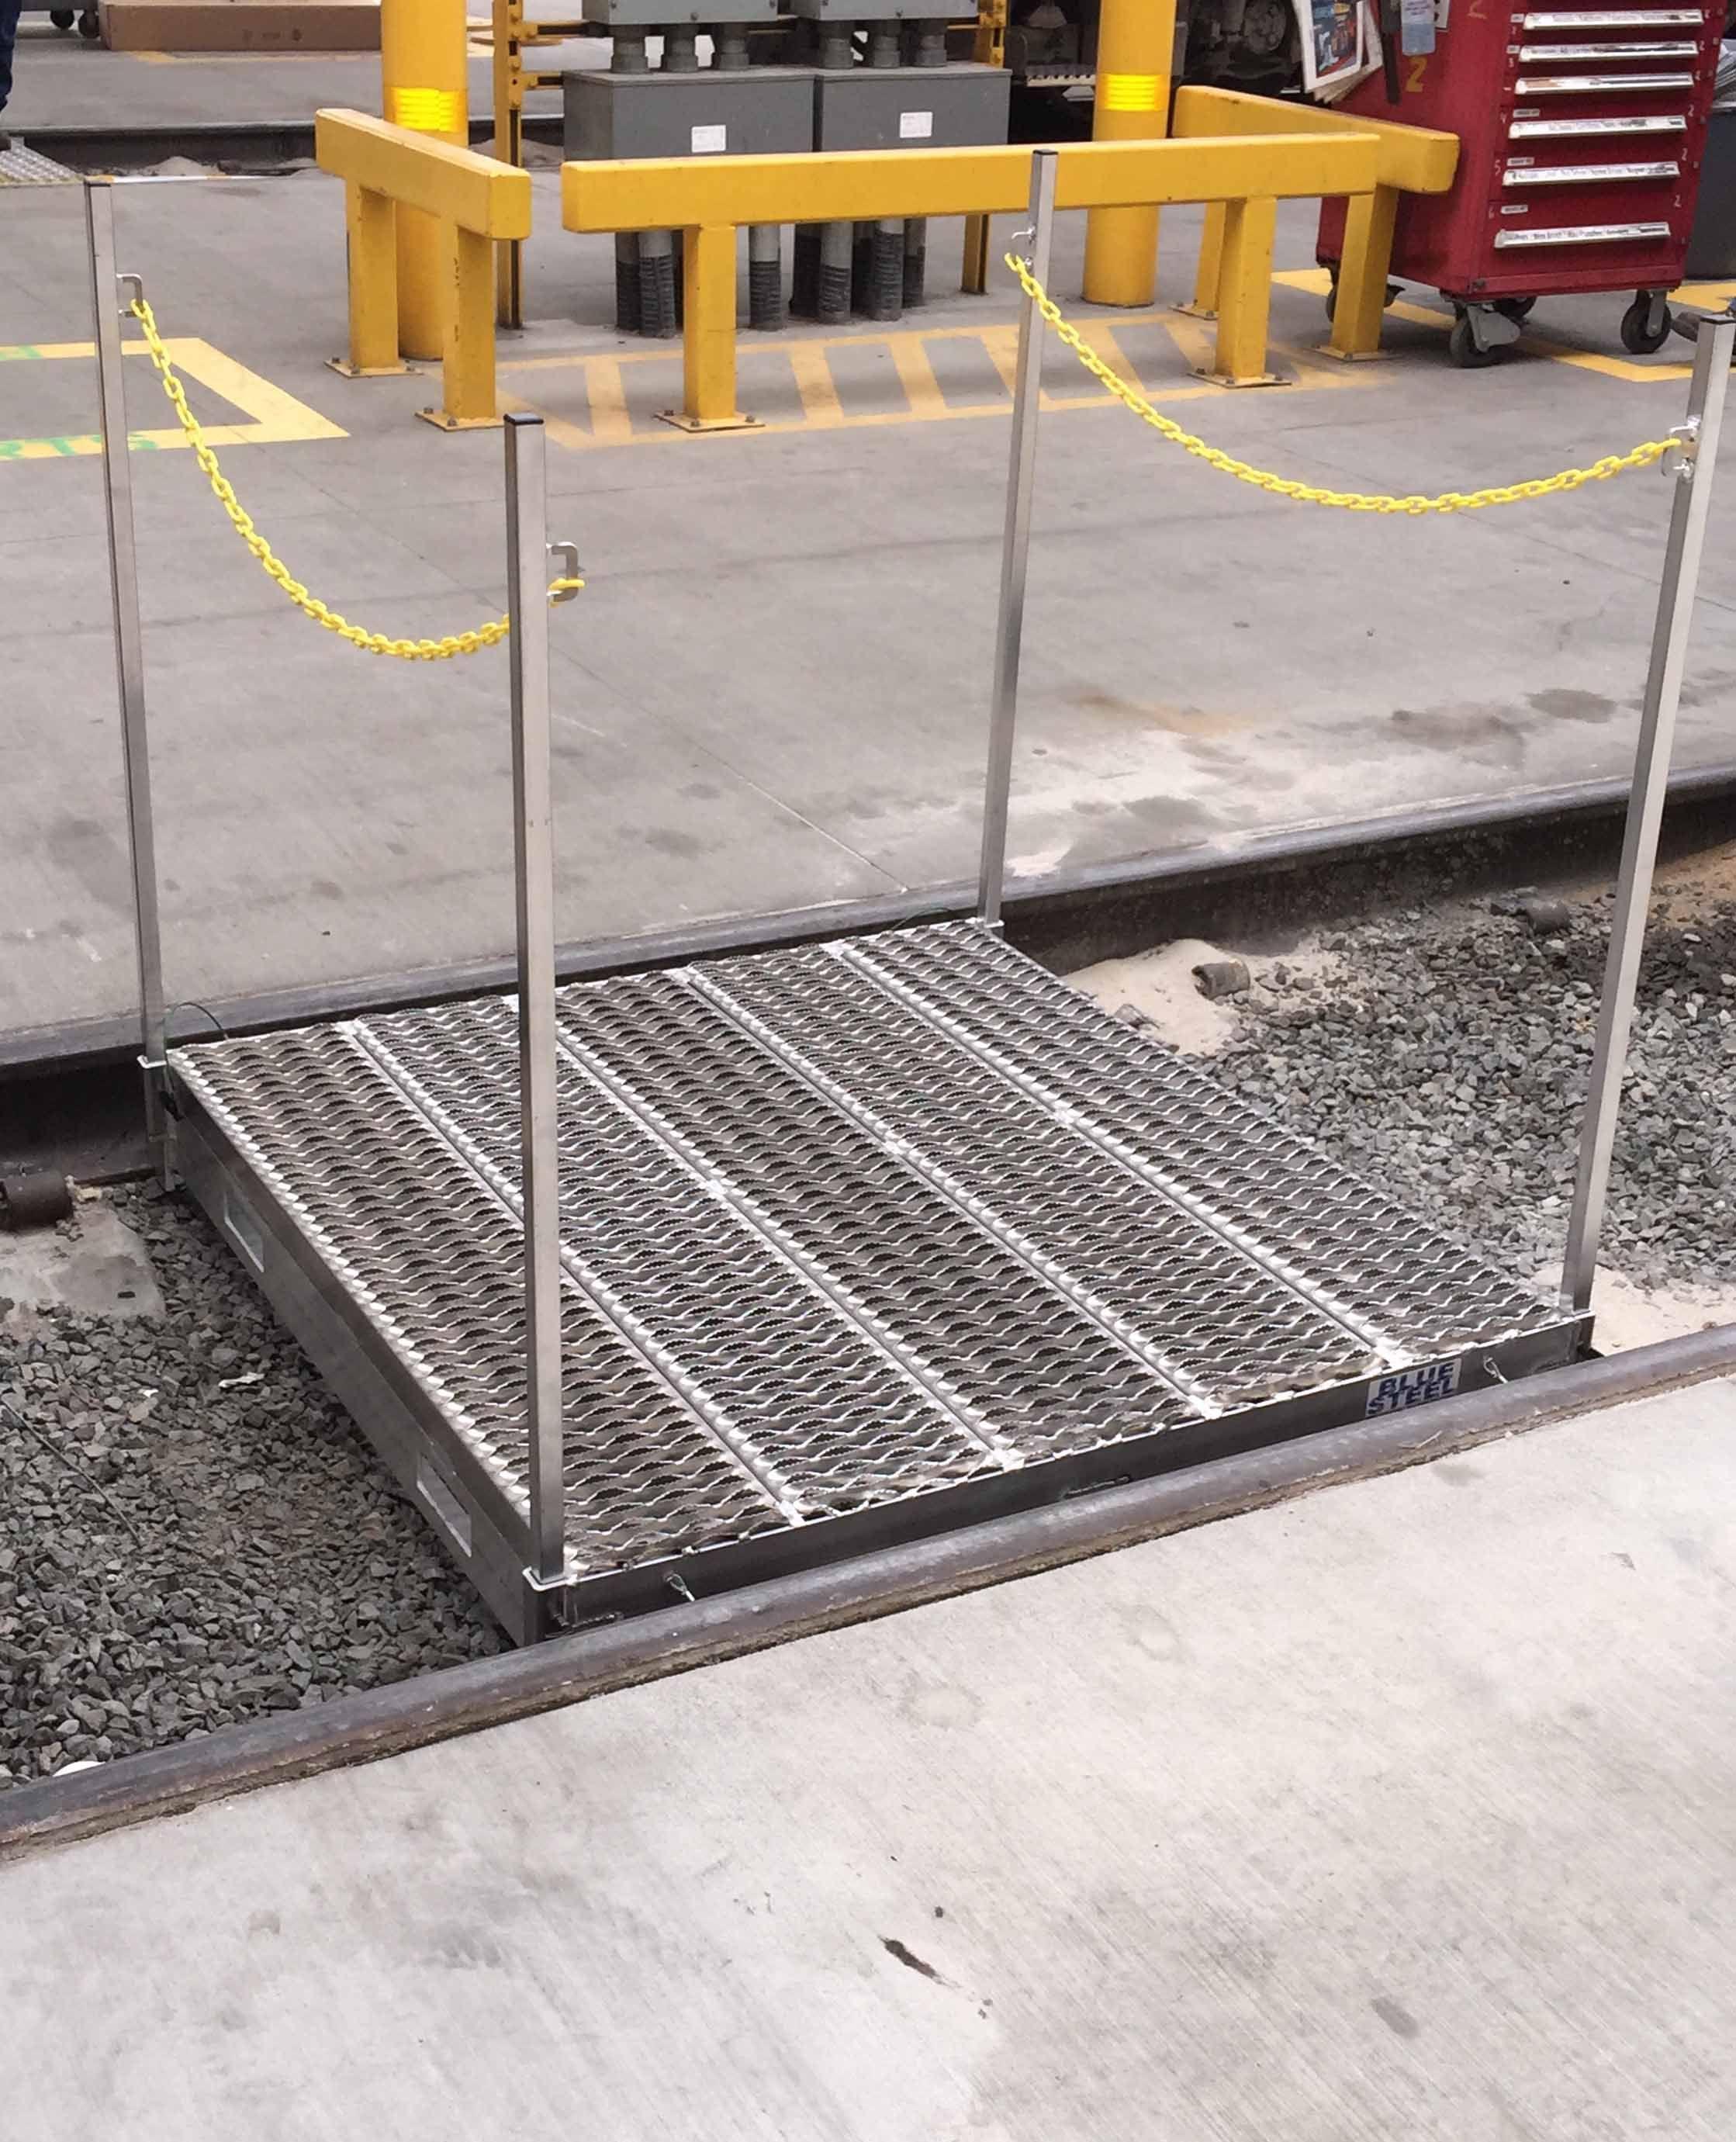 Inrail Aluminum Crossover Bridge Work tools, Crossover